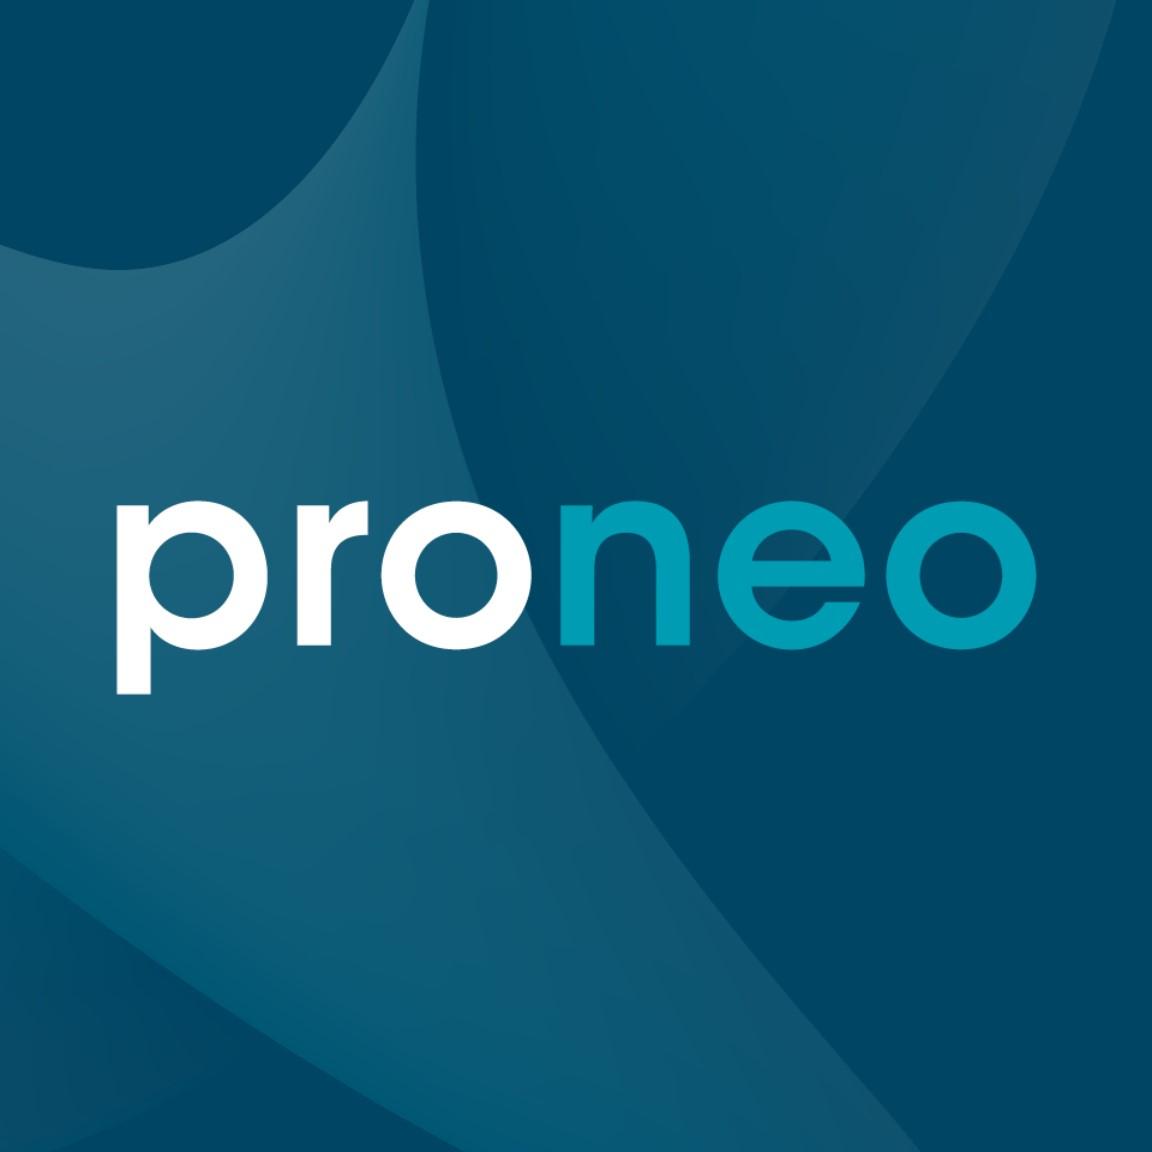 Proneo